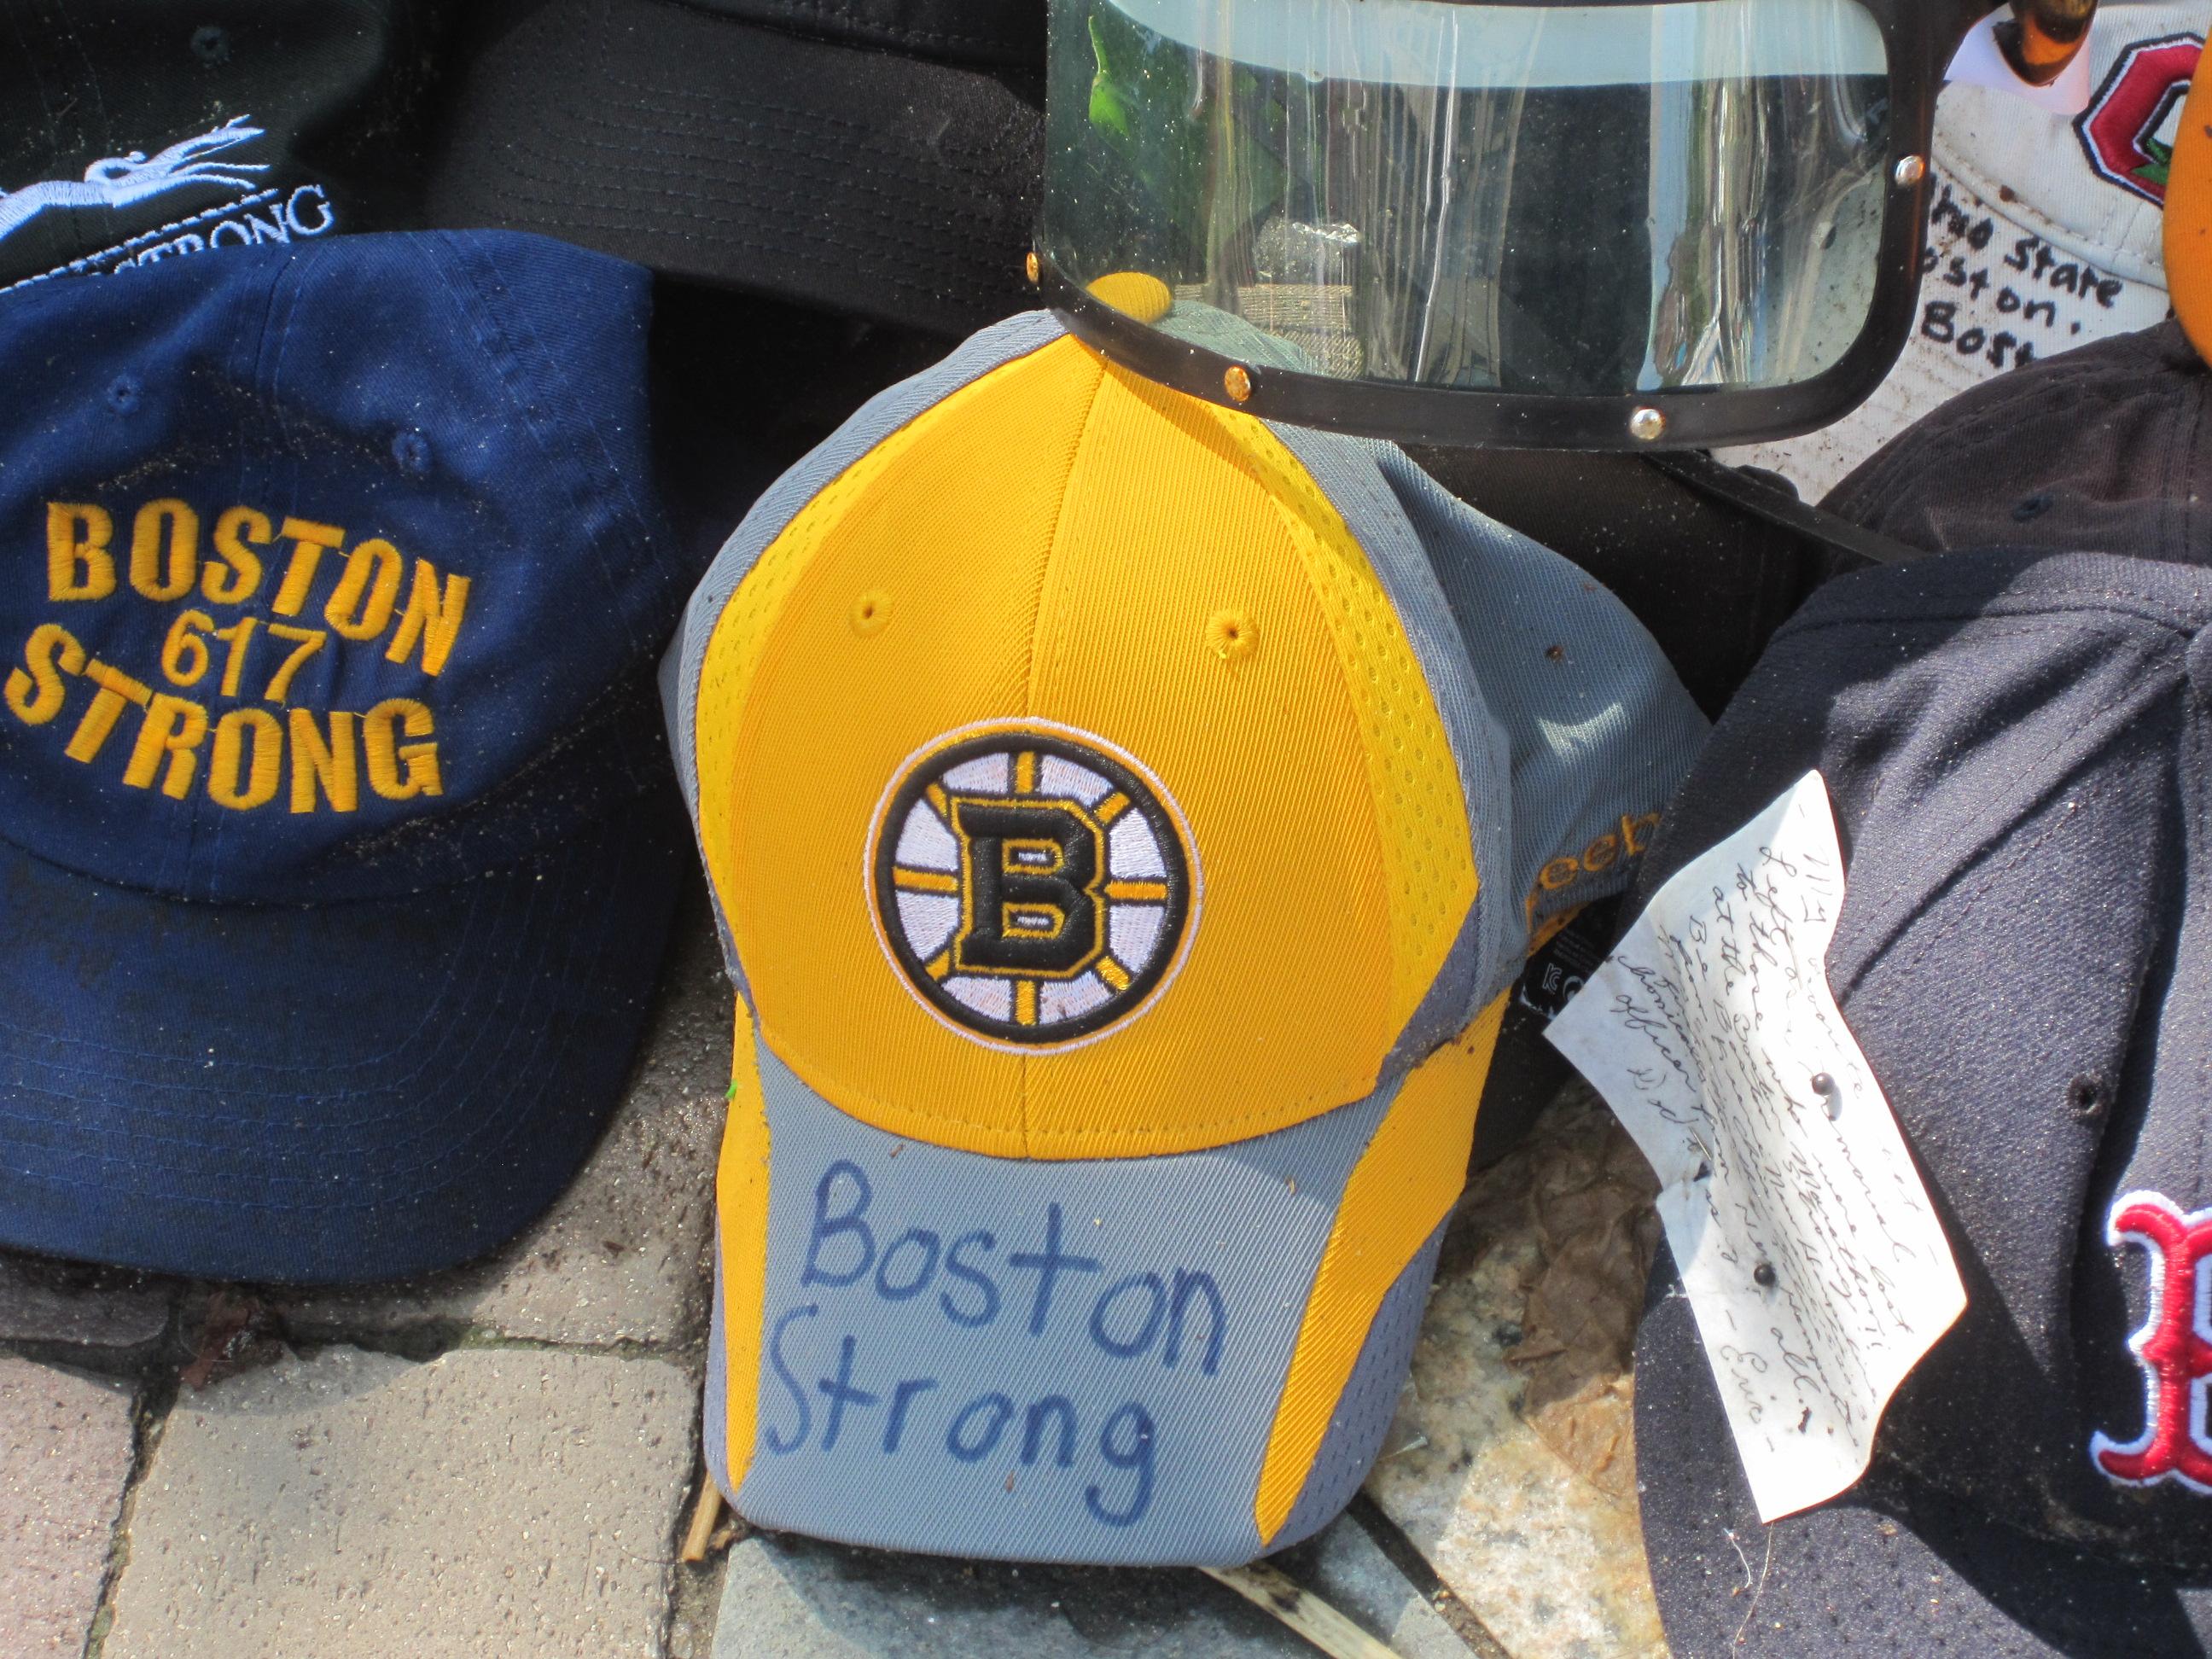 A Boston Story